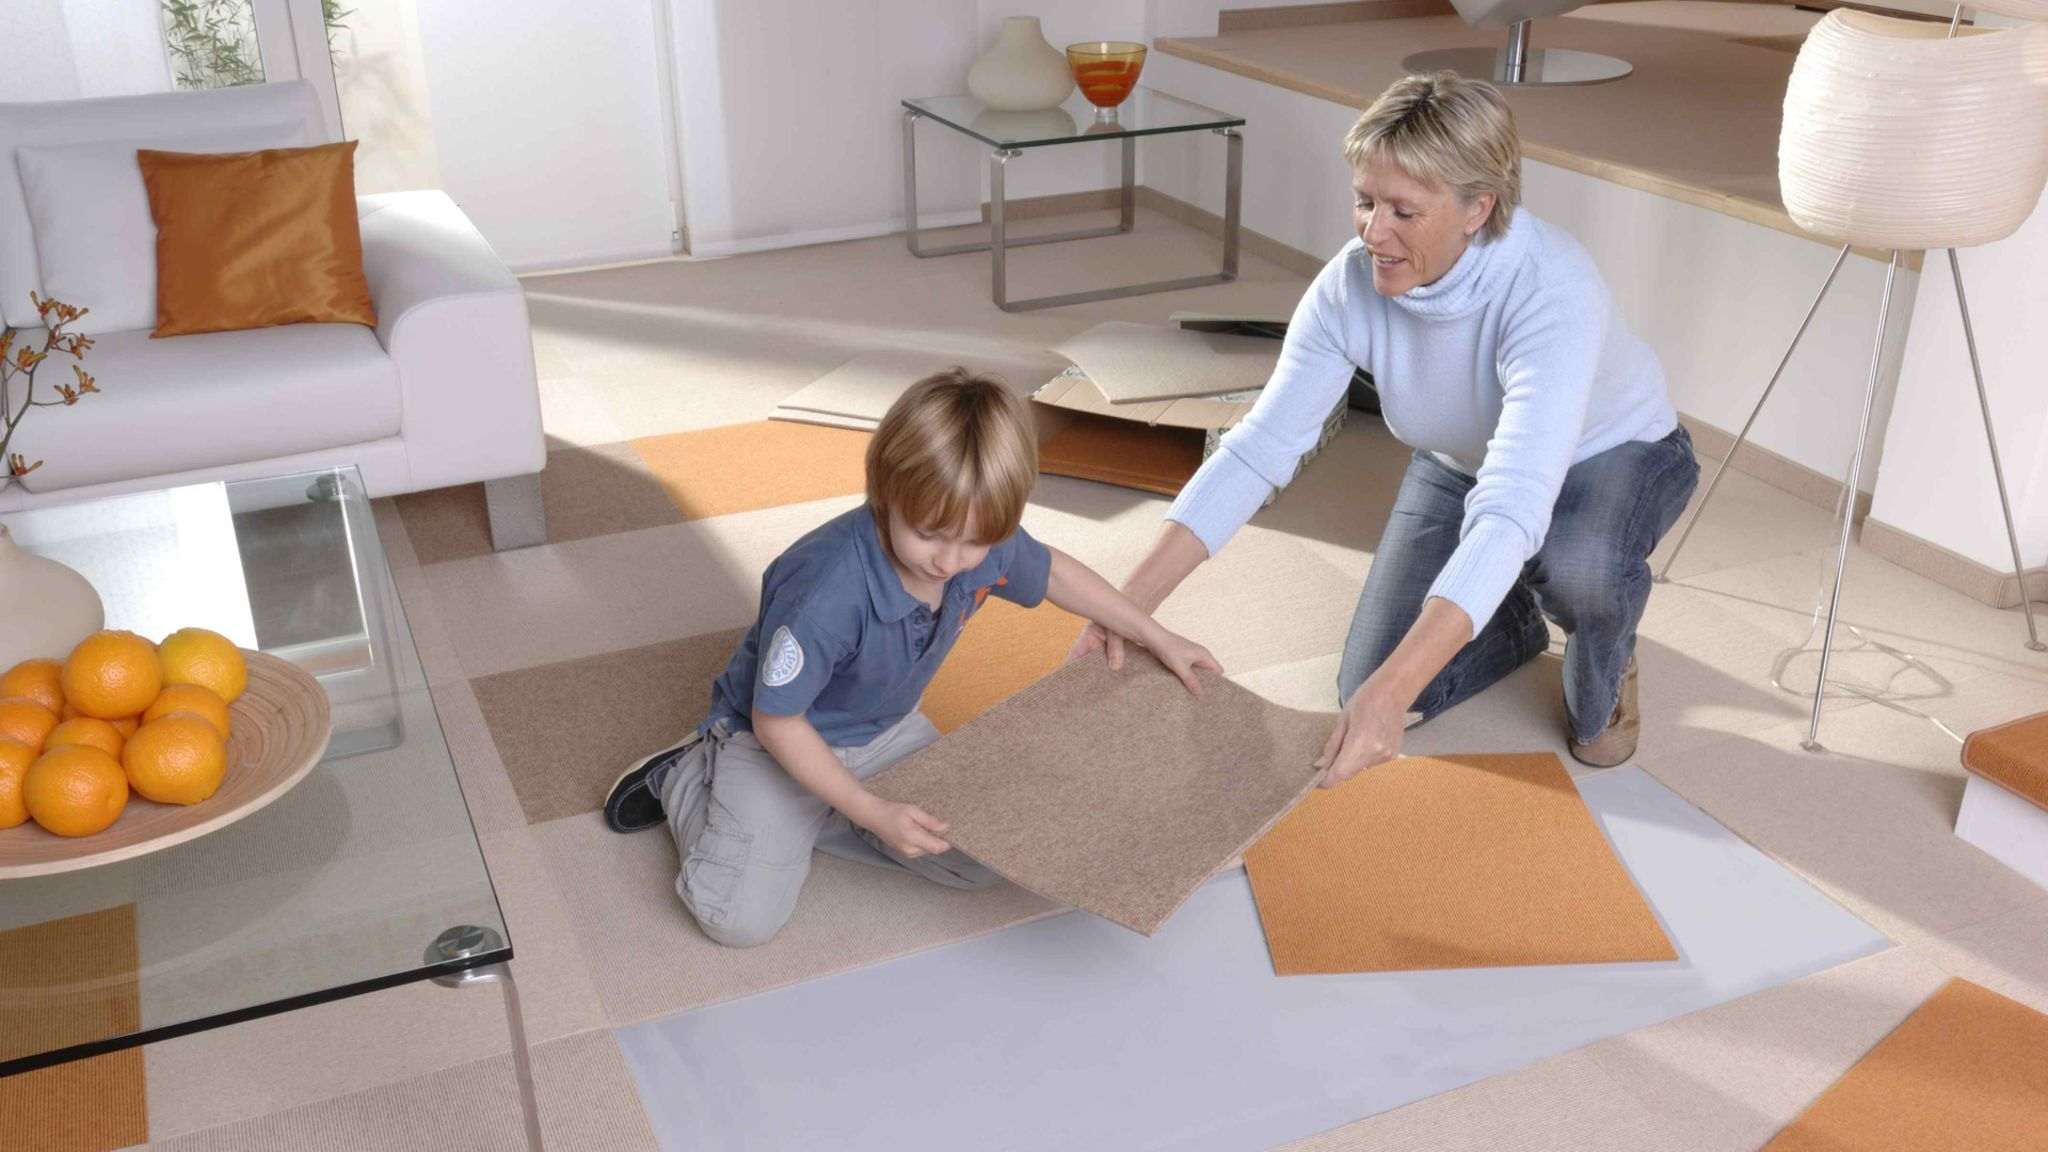 Full Size of Teppichfliesen Kreative Raumgestaltung Mit Teppich Regal Kinderzimmer Regale Weiß Sofa Kinderzimmer Teppichboden Kinderzimmer